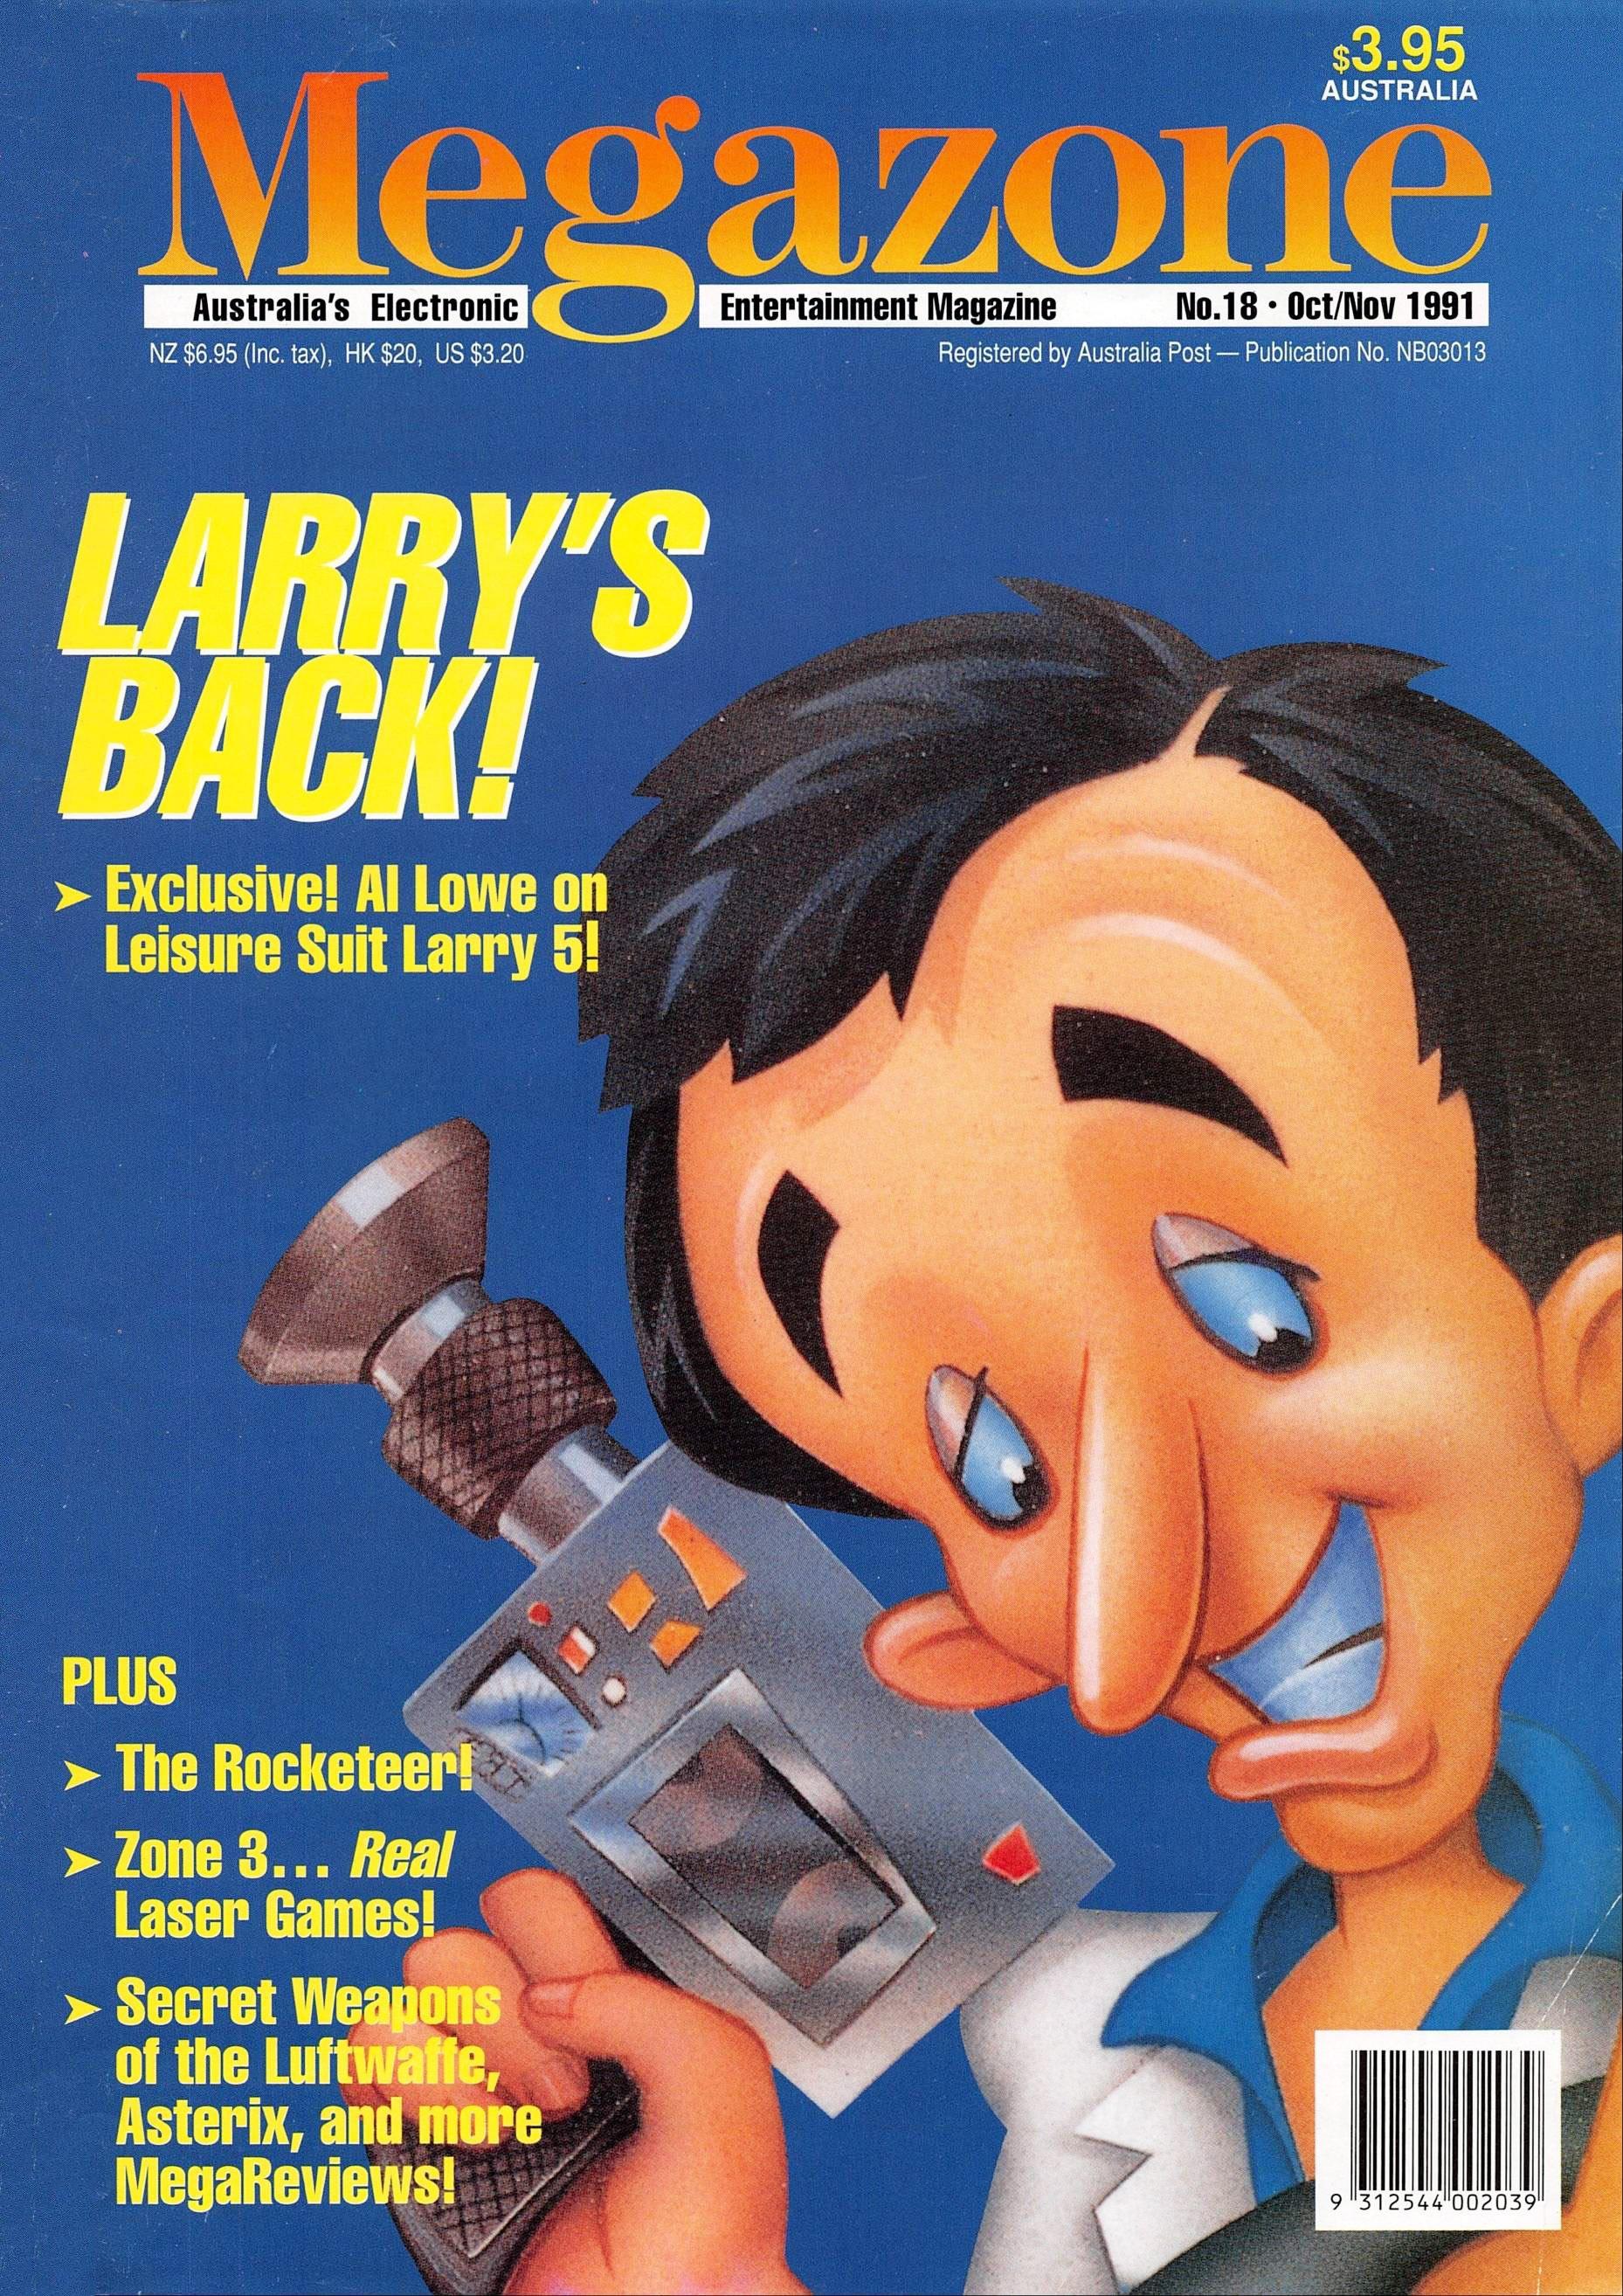 MegaZone 18 (October/November 1991)